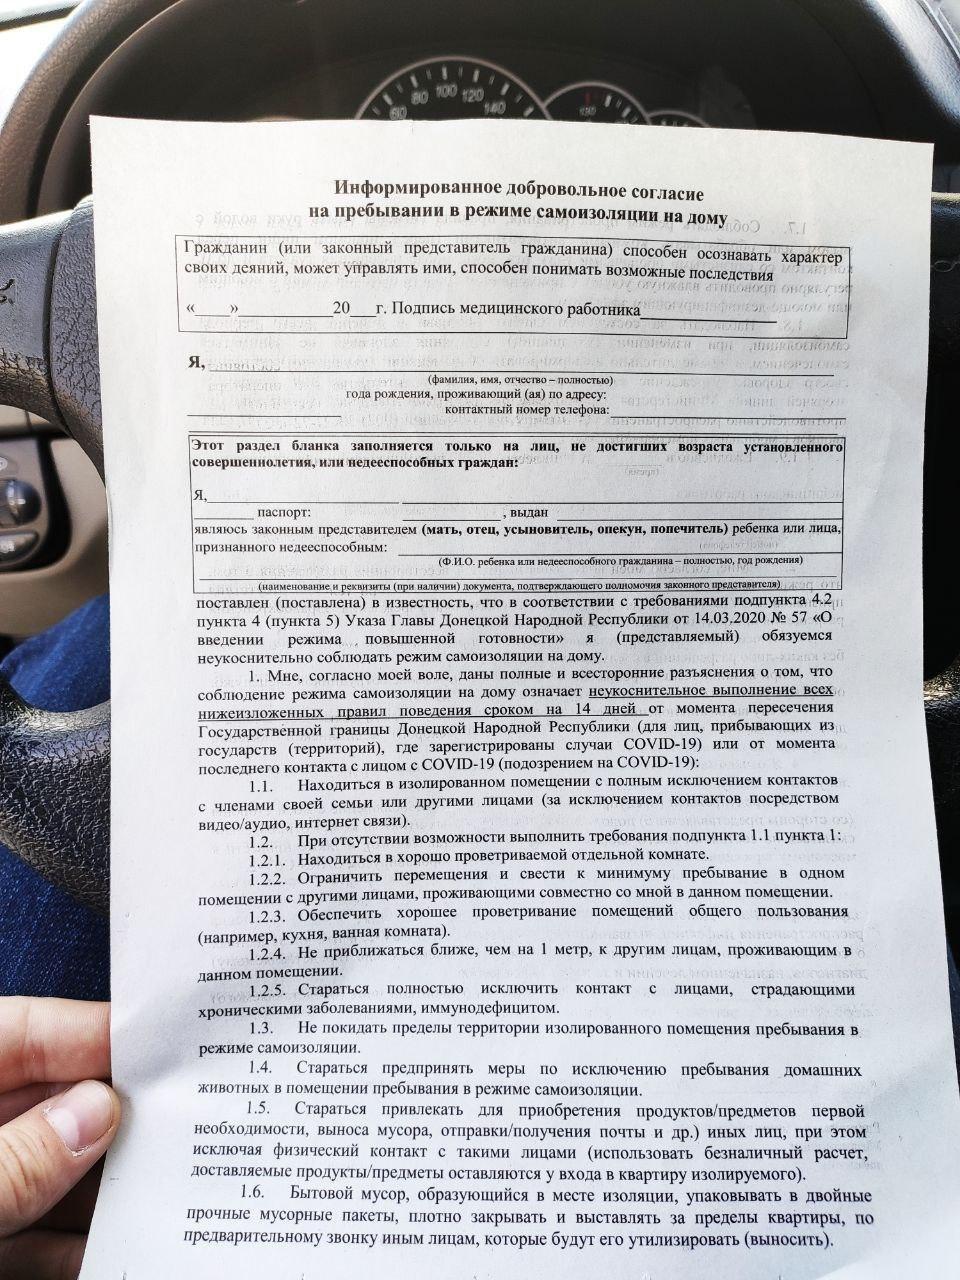 От въезжающих в «ДНР» требуют подписать форму на 14-дневную самоизоляцию (ФОТО)